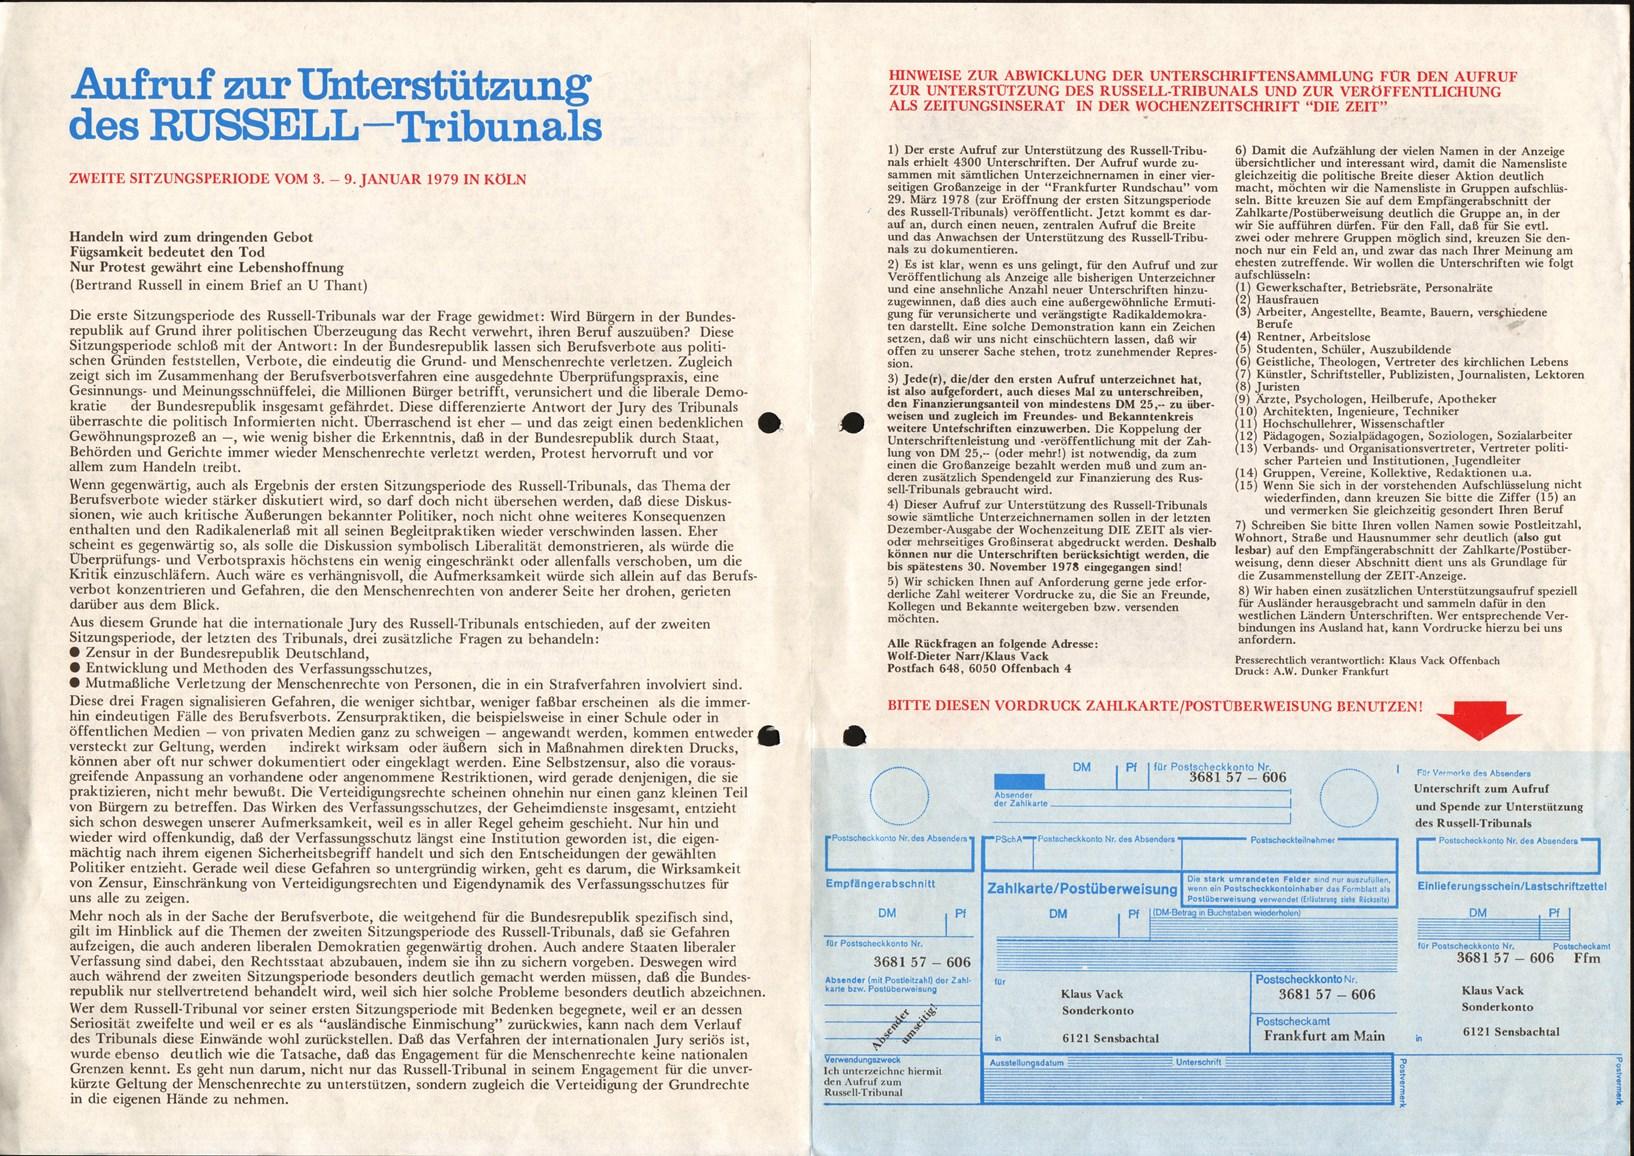 Deutscher_Beirat_RT_1978_04